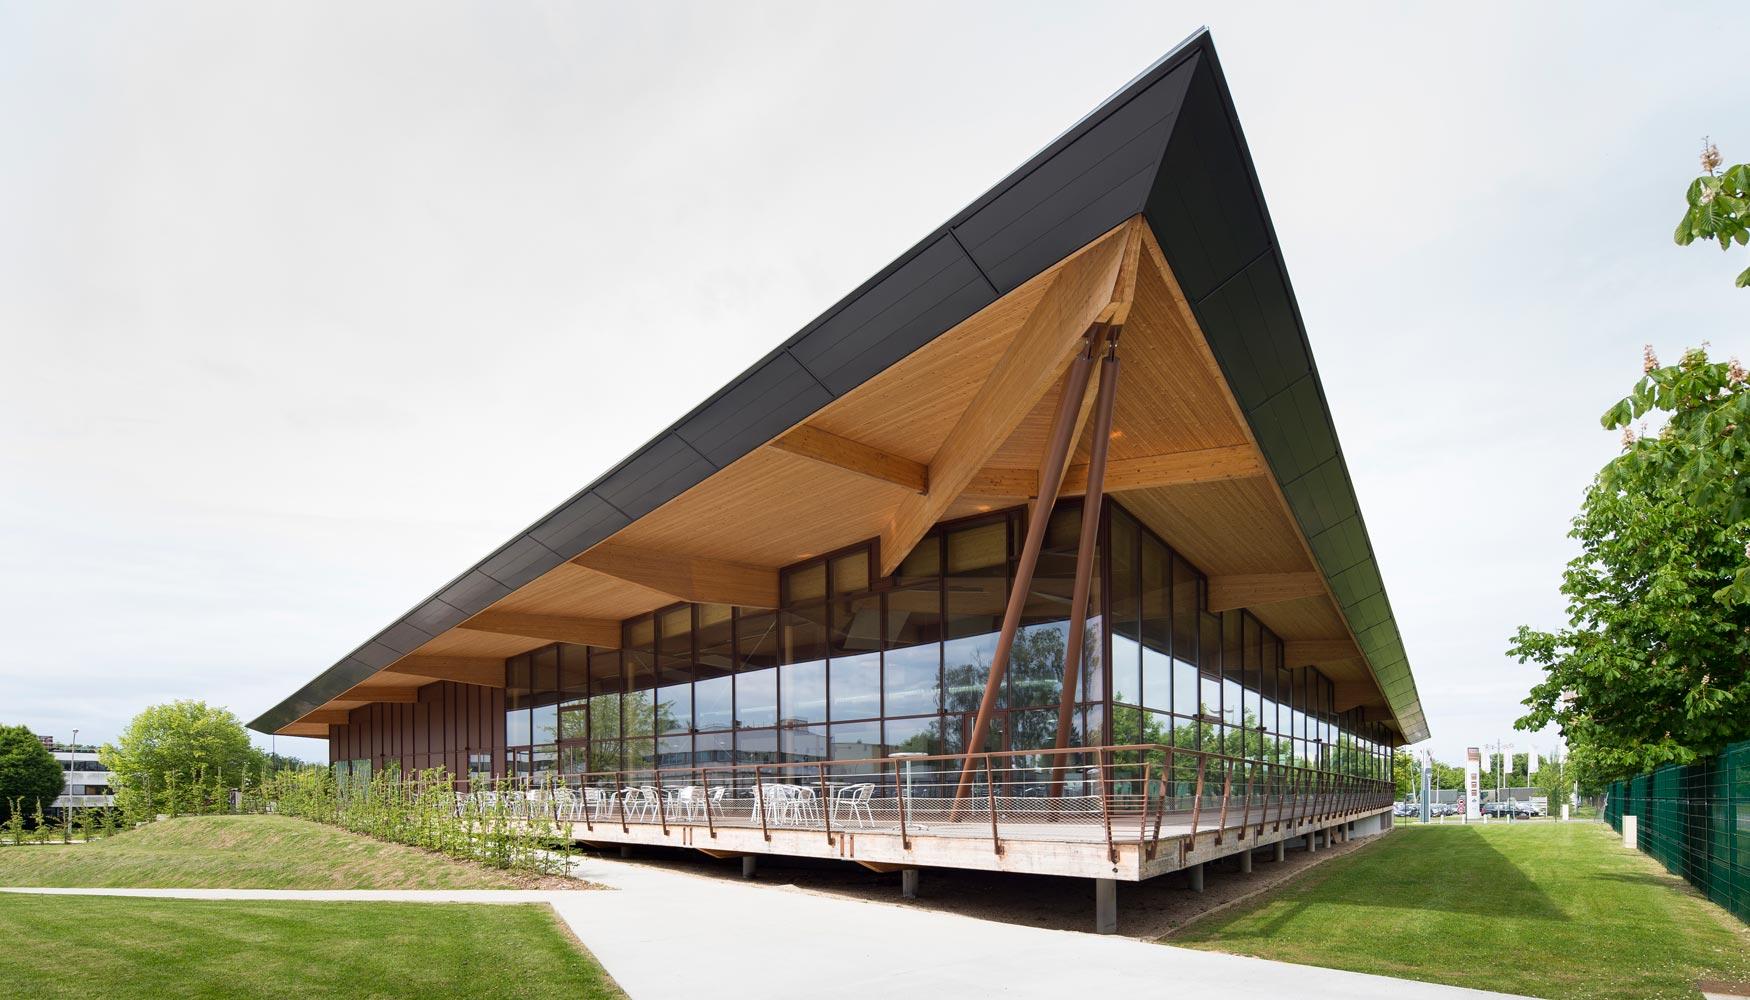 Arquitectura de vanguardia con vistas panor micas for Restaurante arquitectura